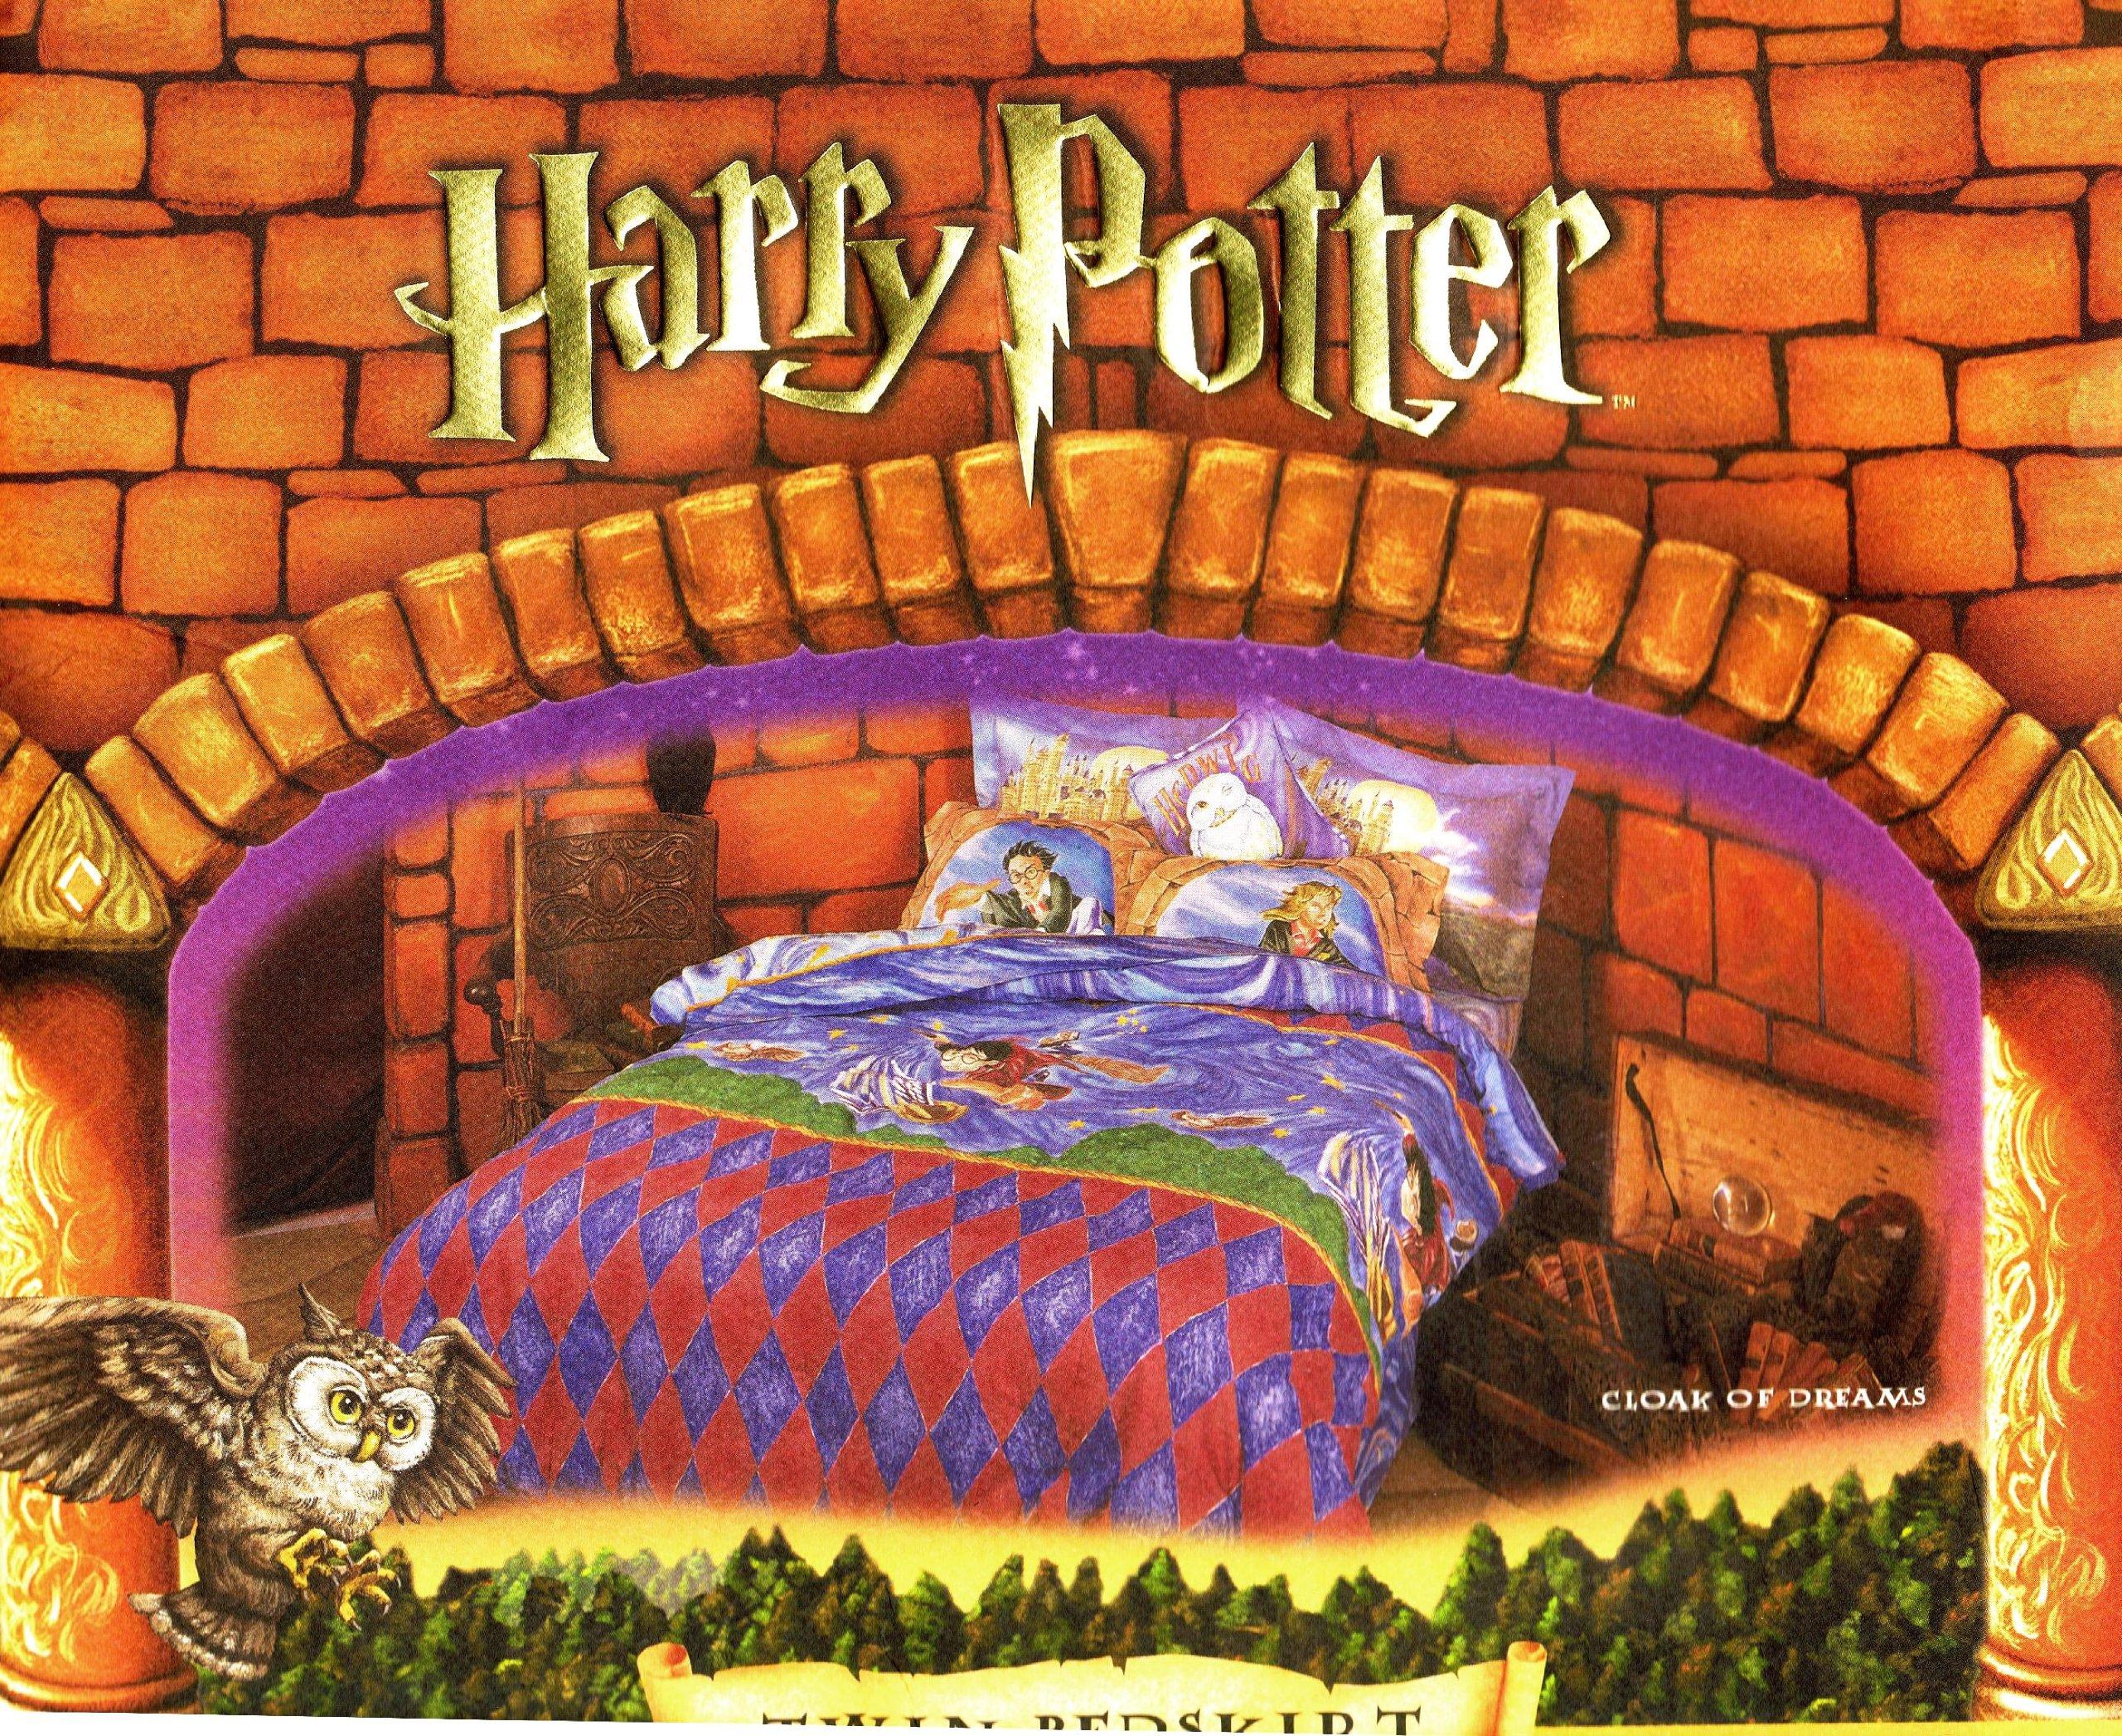 Harry Potter Twin Bedskirt Dust Ruffle ''Cloak of Dreams'' 2000